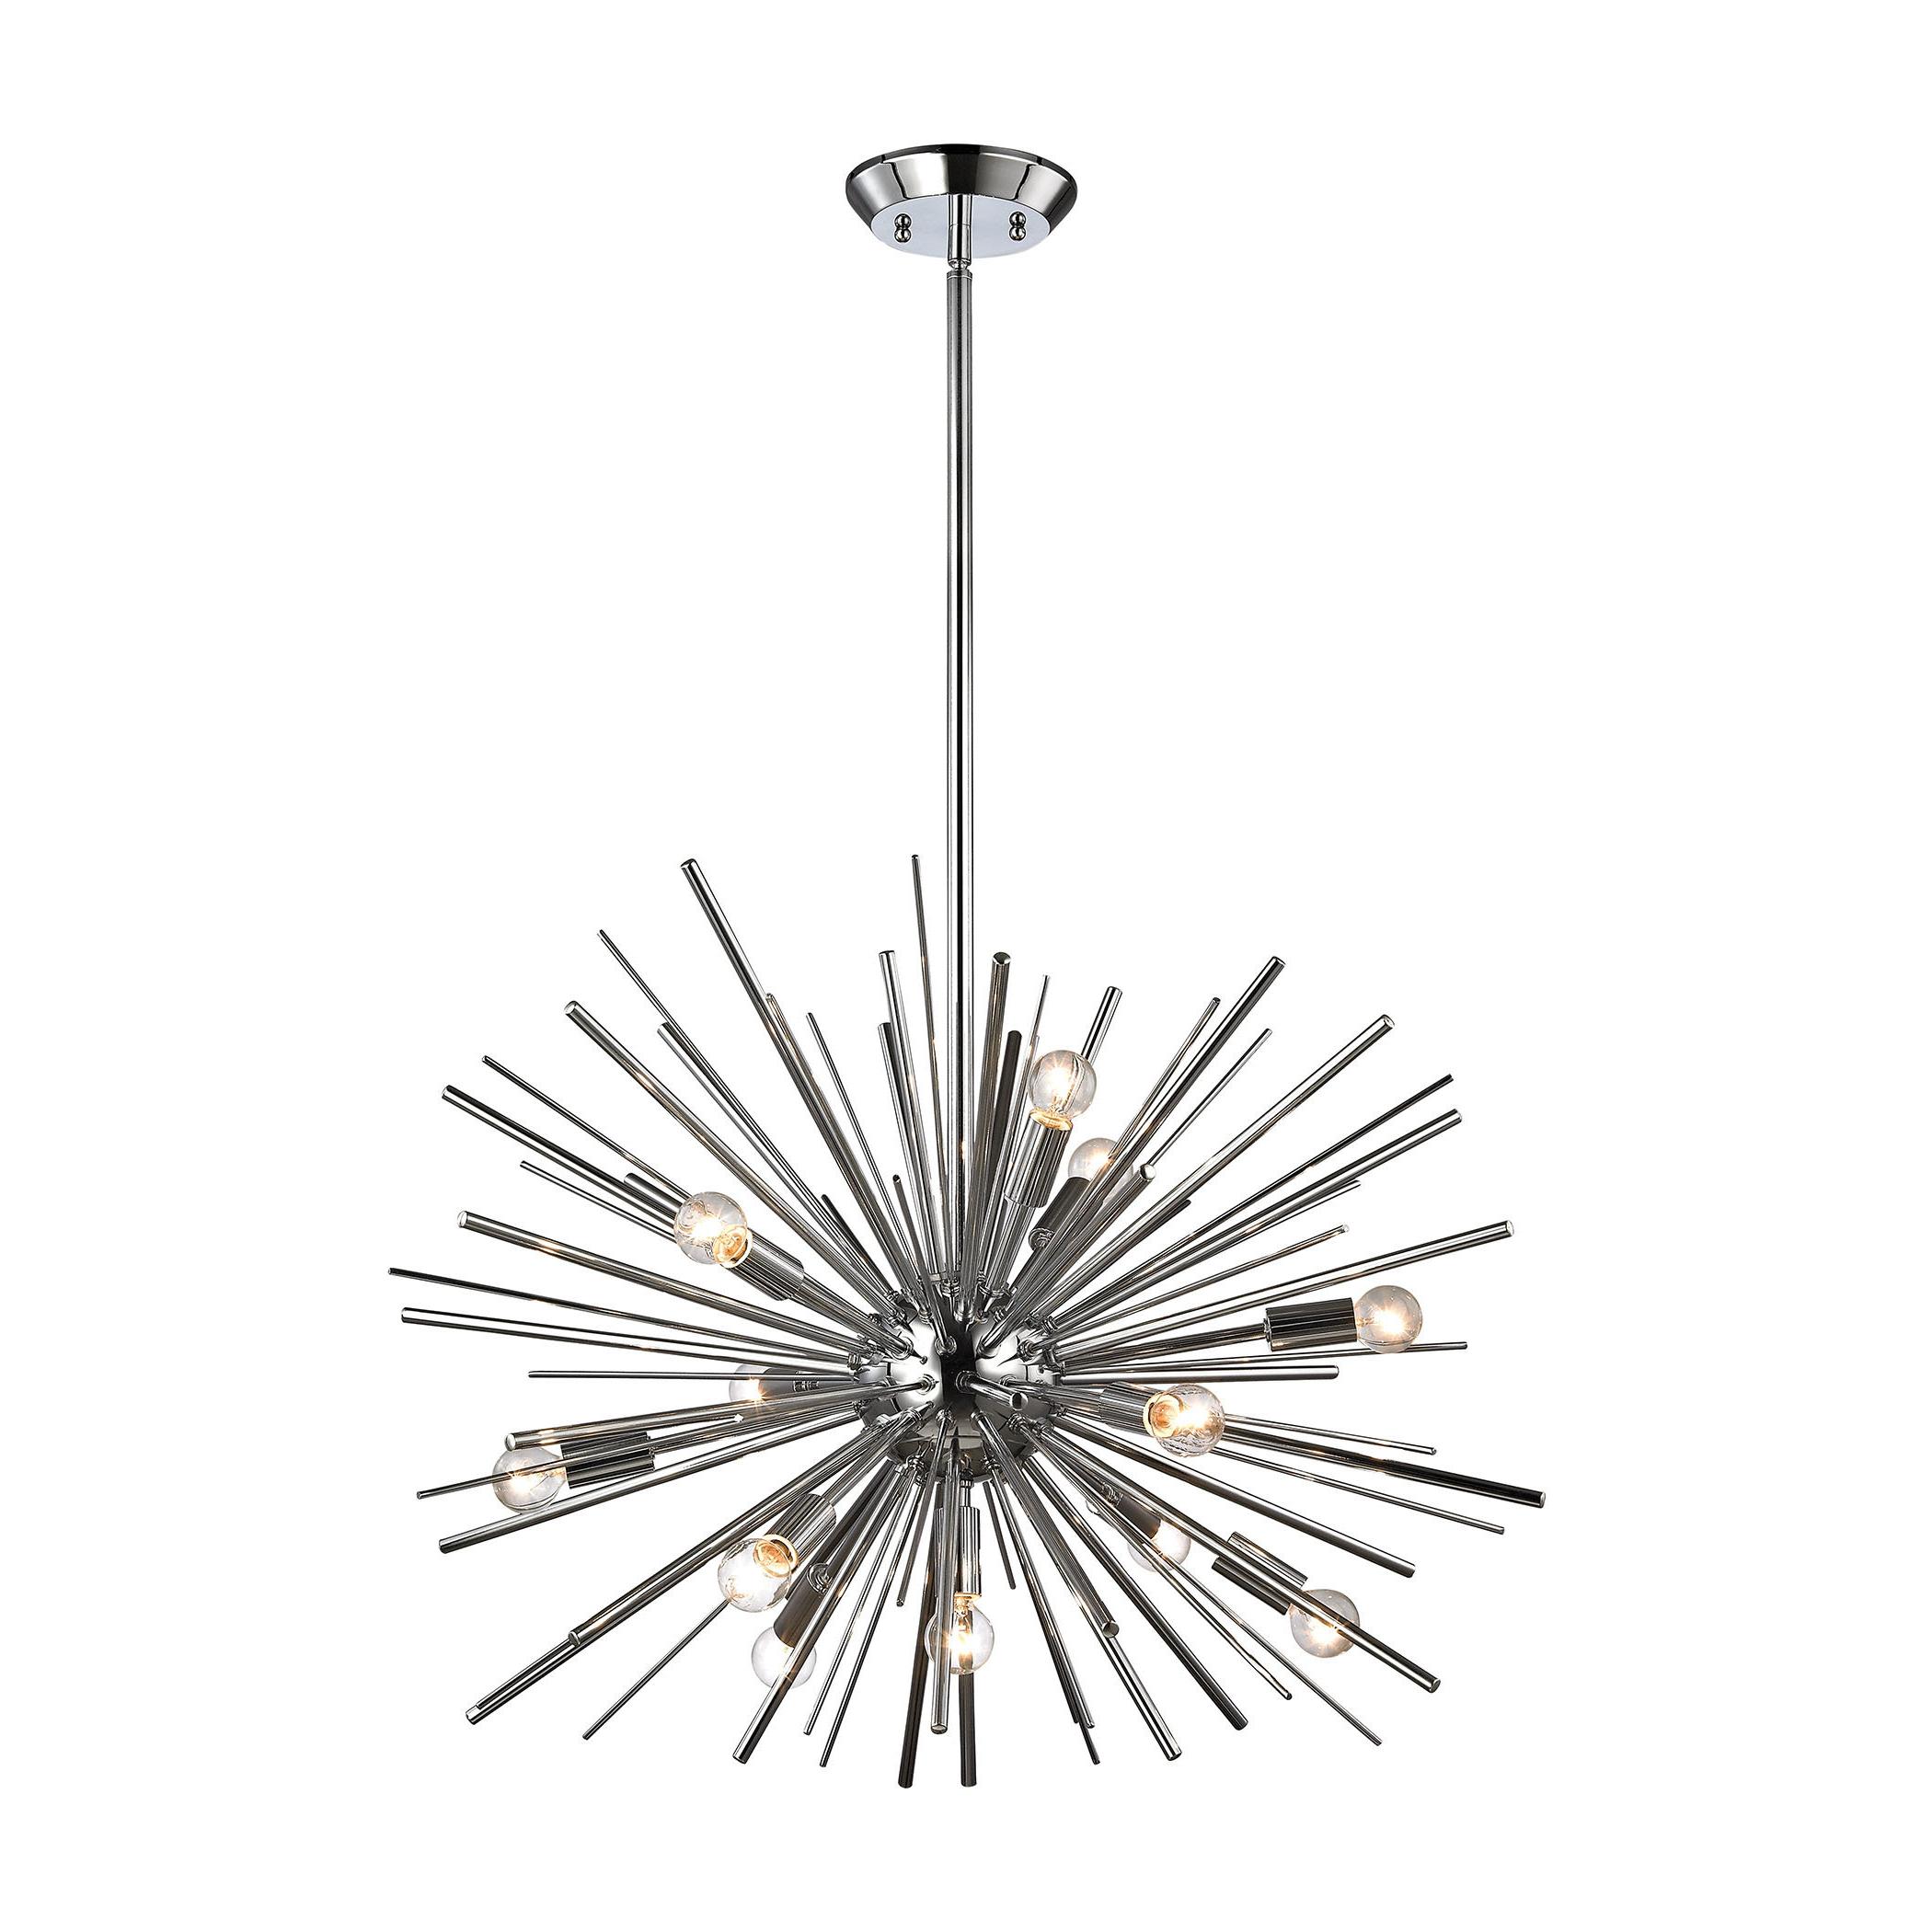 Most Popular Elinore 12 Light Sputnik Chandelier With Nelly 12 Light Sputnik Chandeliers (Gallery 8 of 20)